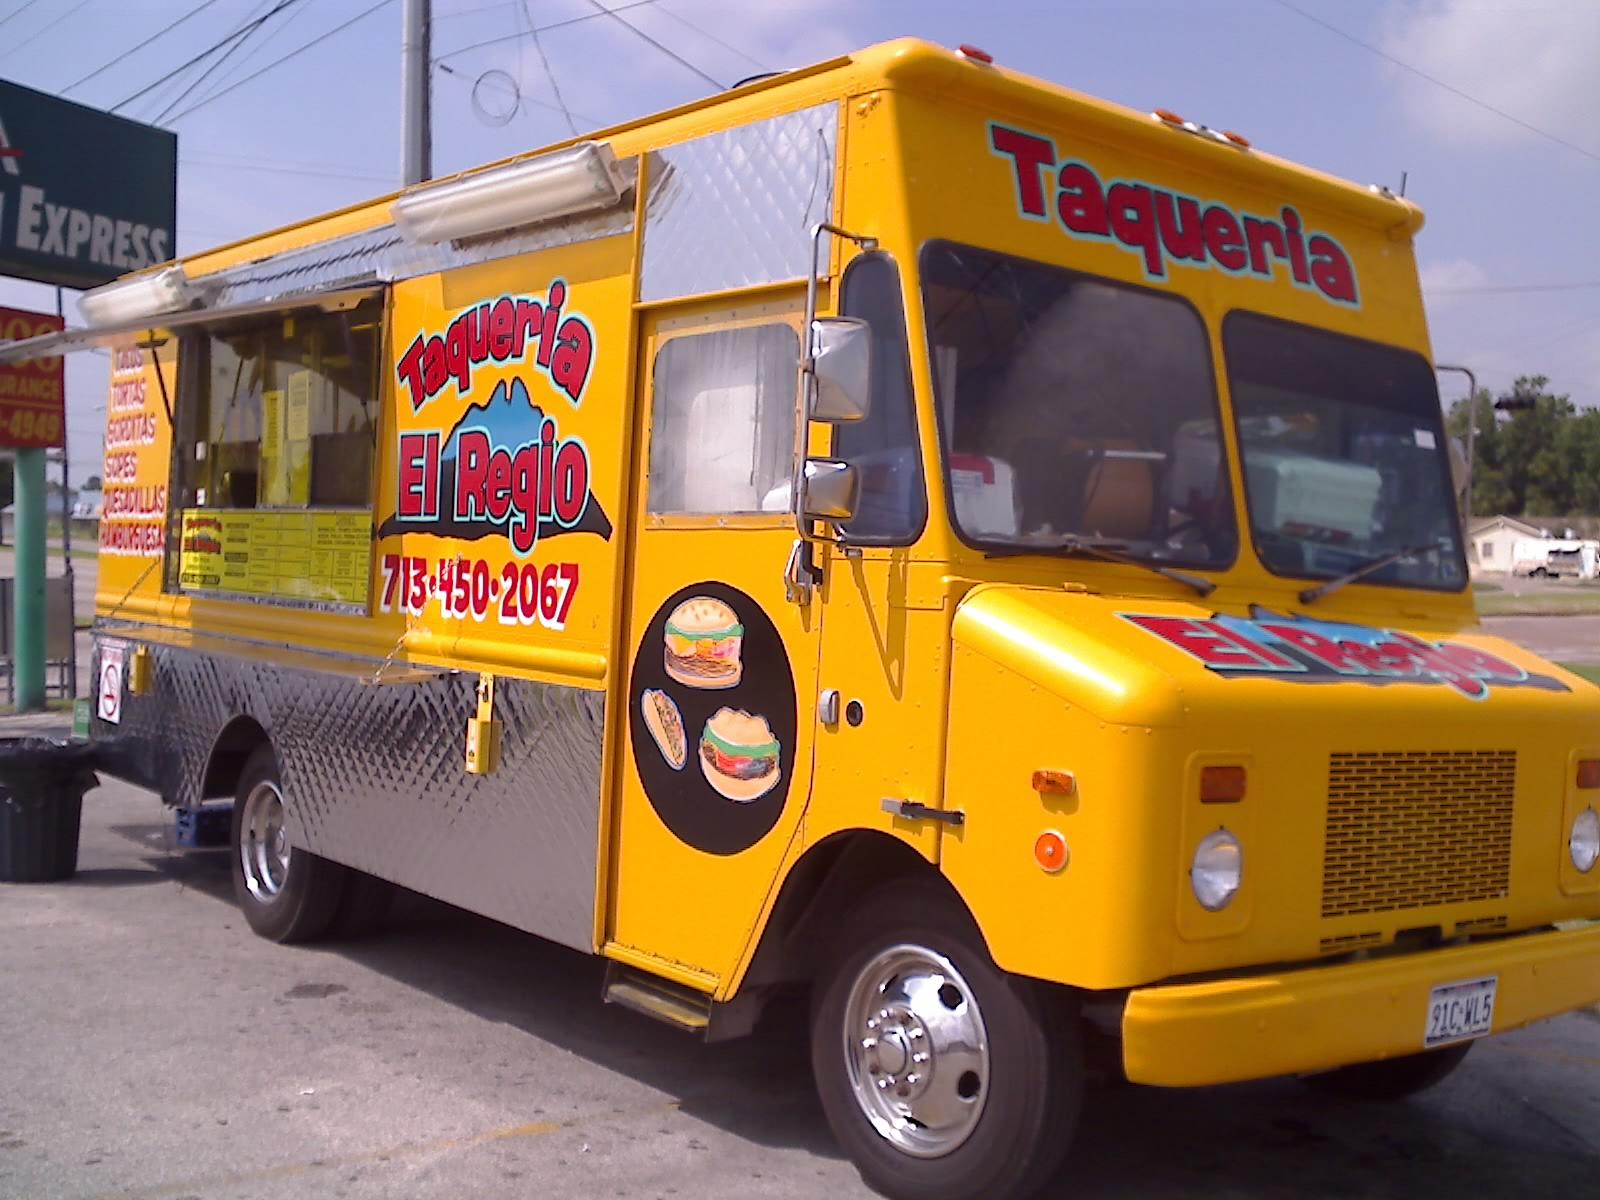 Taqueria Food Truck Hato Rey